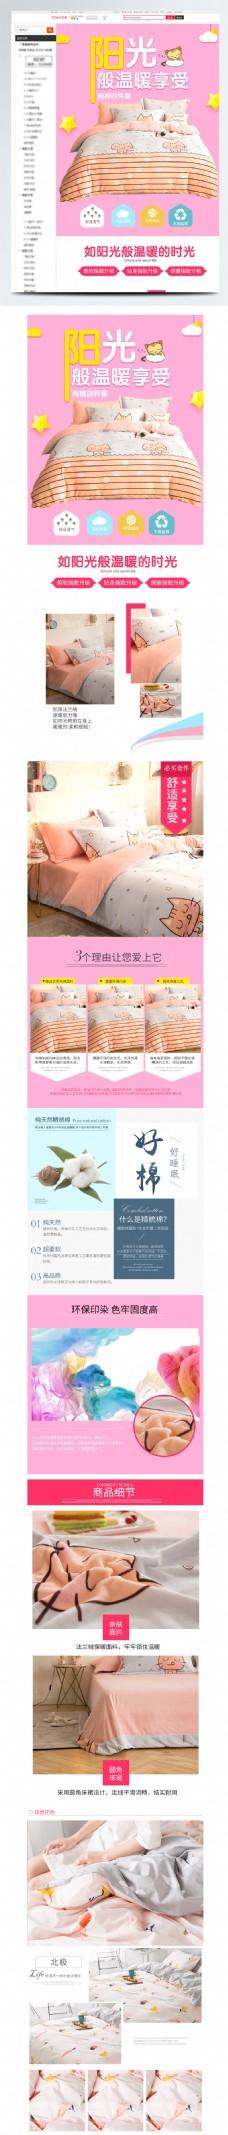 淘宝天猫粉色可爱卡通四件套详情页模板